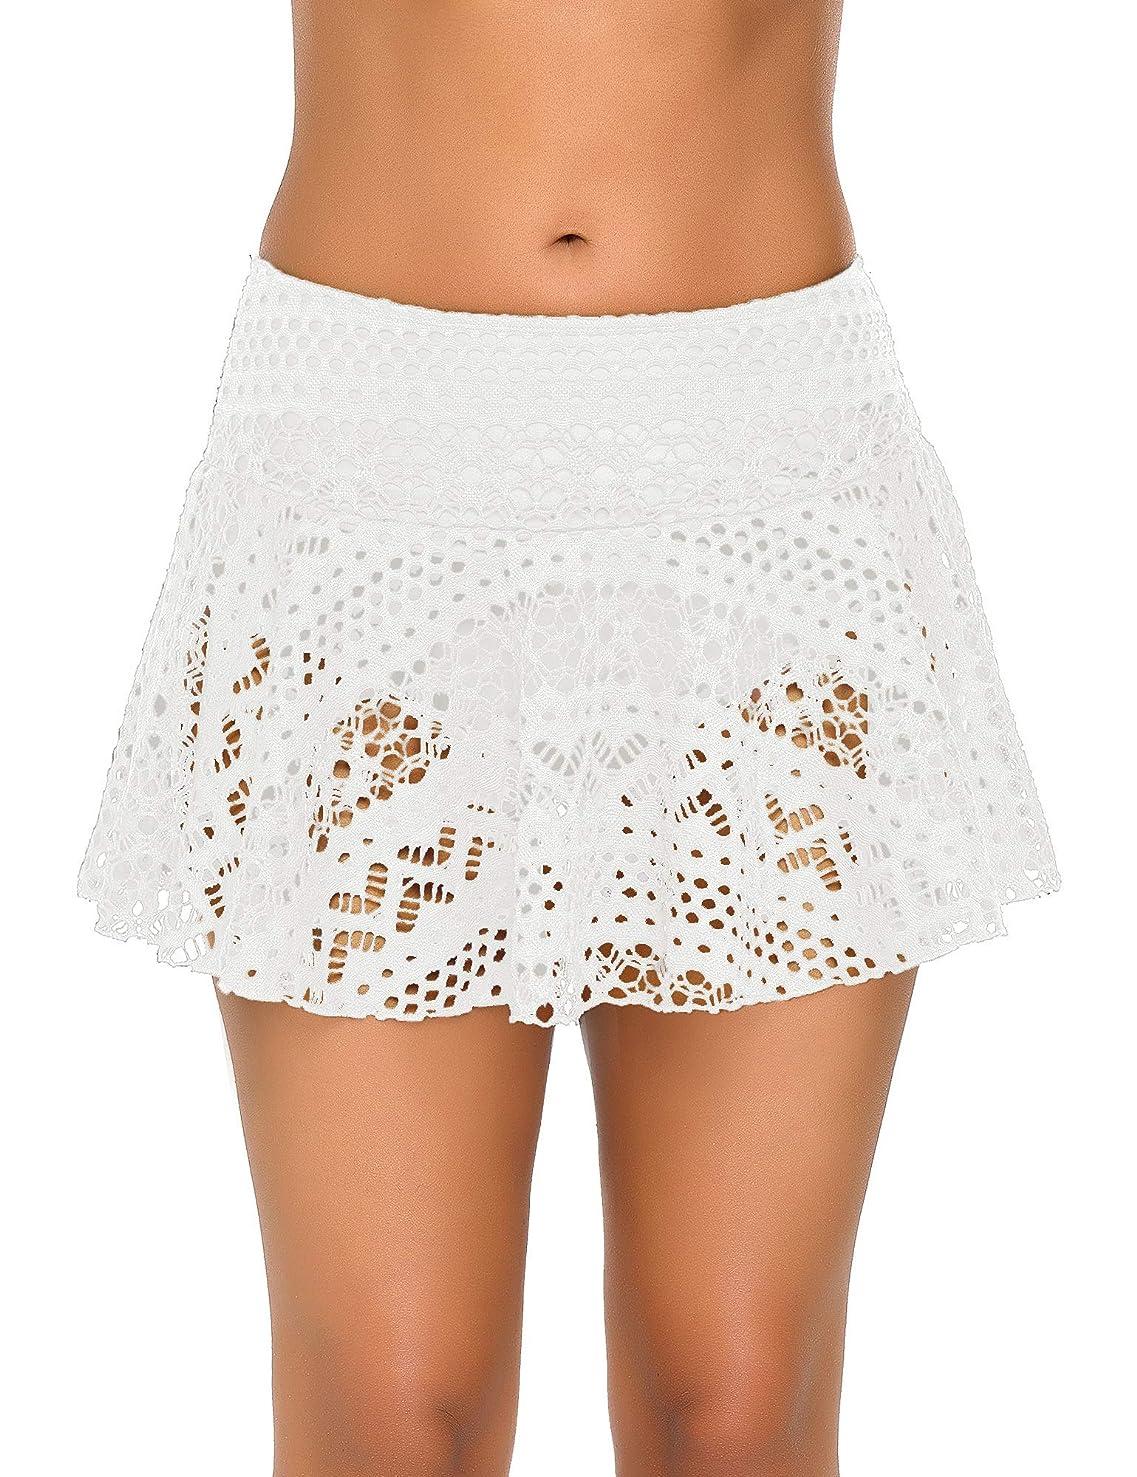 GRAPENT Women Crochet Lace Skirted Bikini Bottom Solid Short Swim Skirt Swimsuit